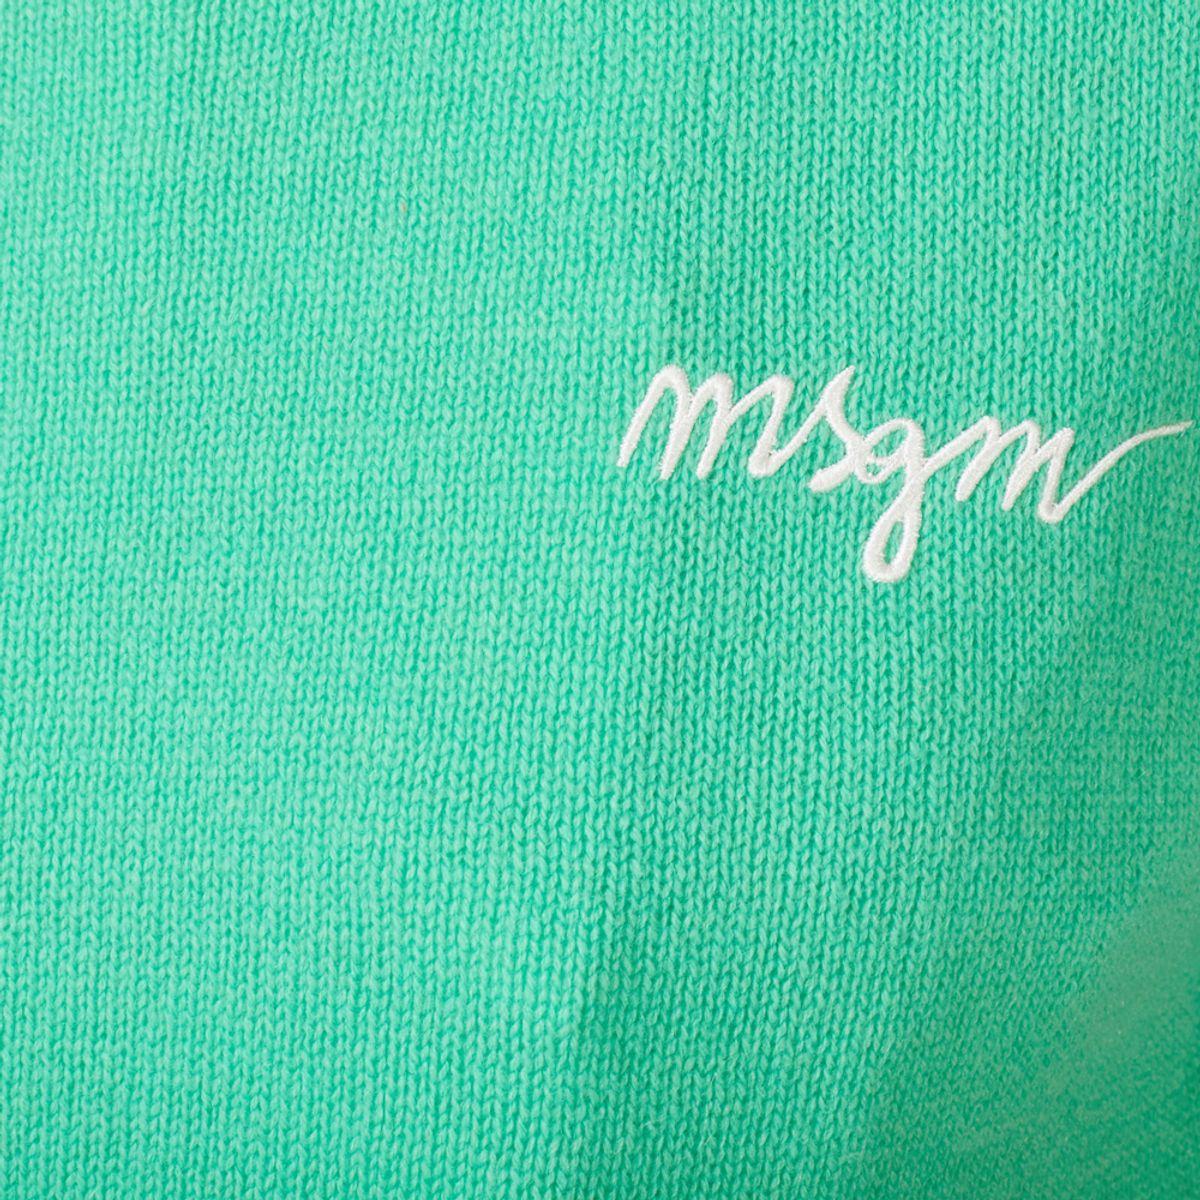 BL041565_0017_6-BLUSA-MSGM-3041MDM113-217293-PSS21